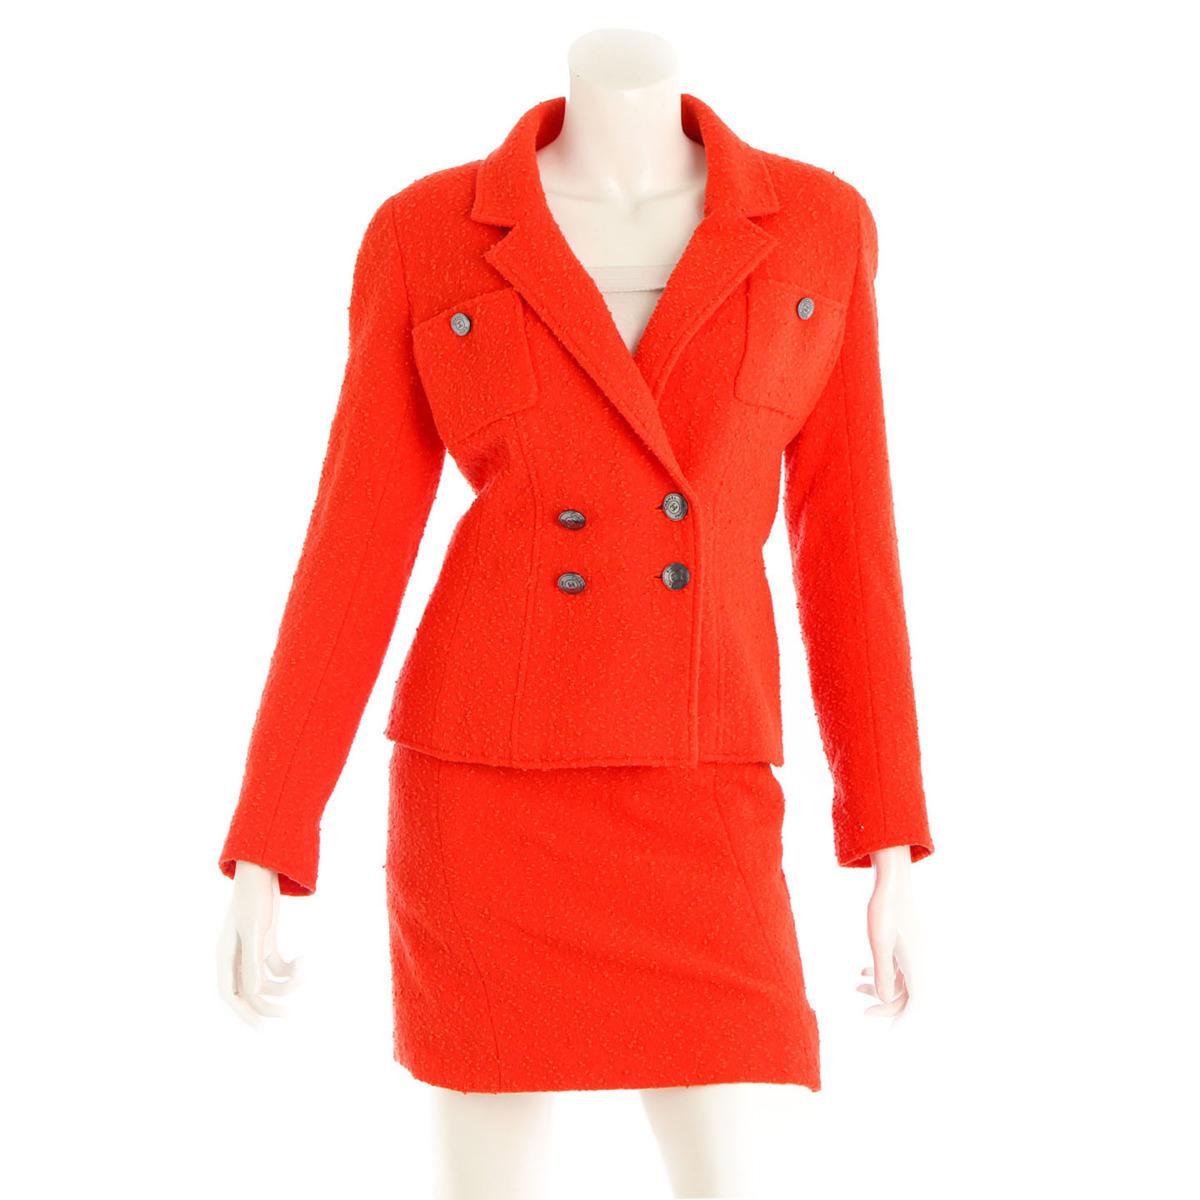 【シャネル】Chanel ココマークボタン ウール セットアップ ジャケット スカート 97C オレンジ 38 【中古】【鑑定済・正規品保証】【送料無料】35324